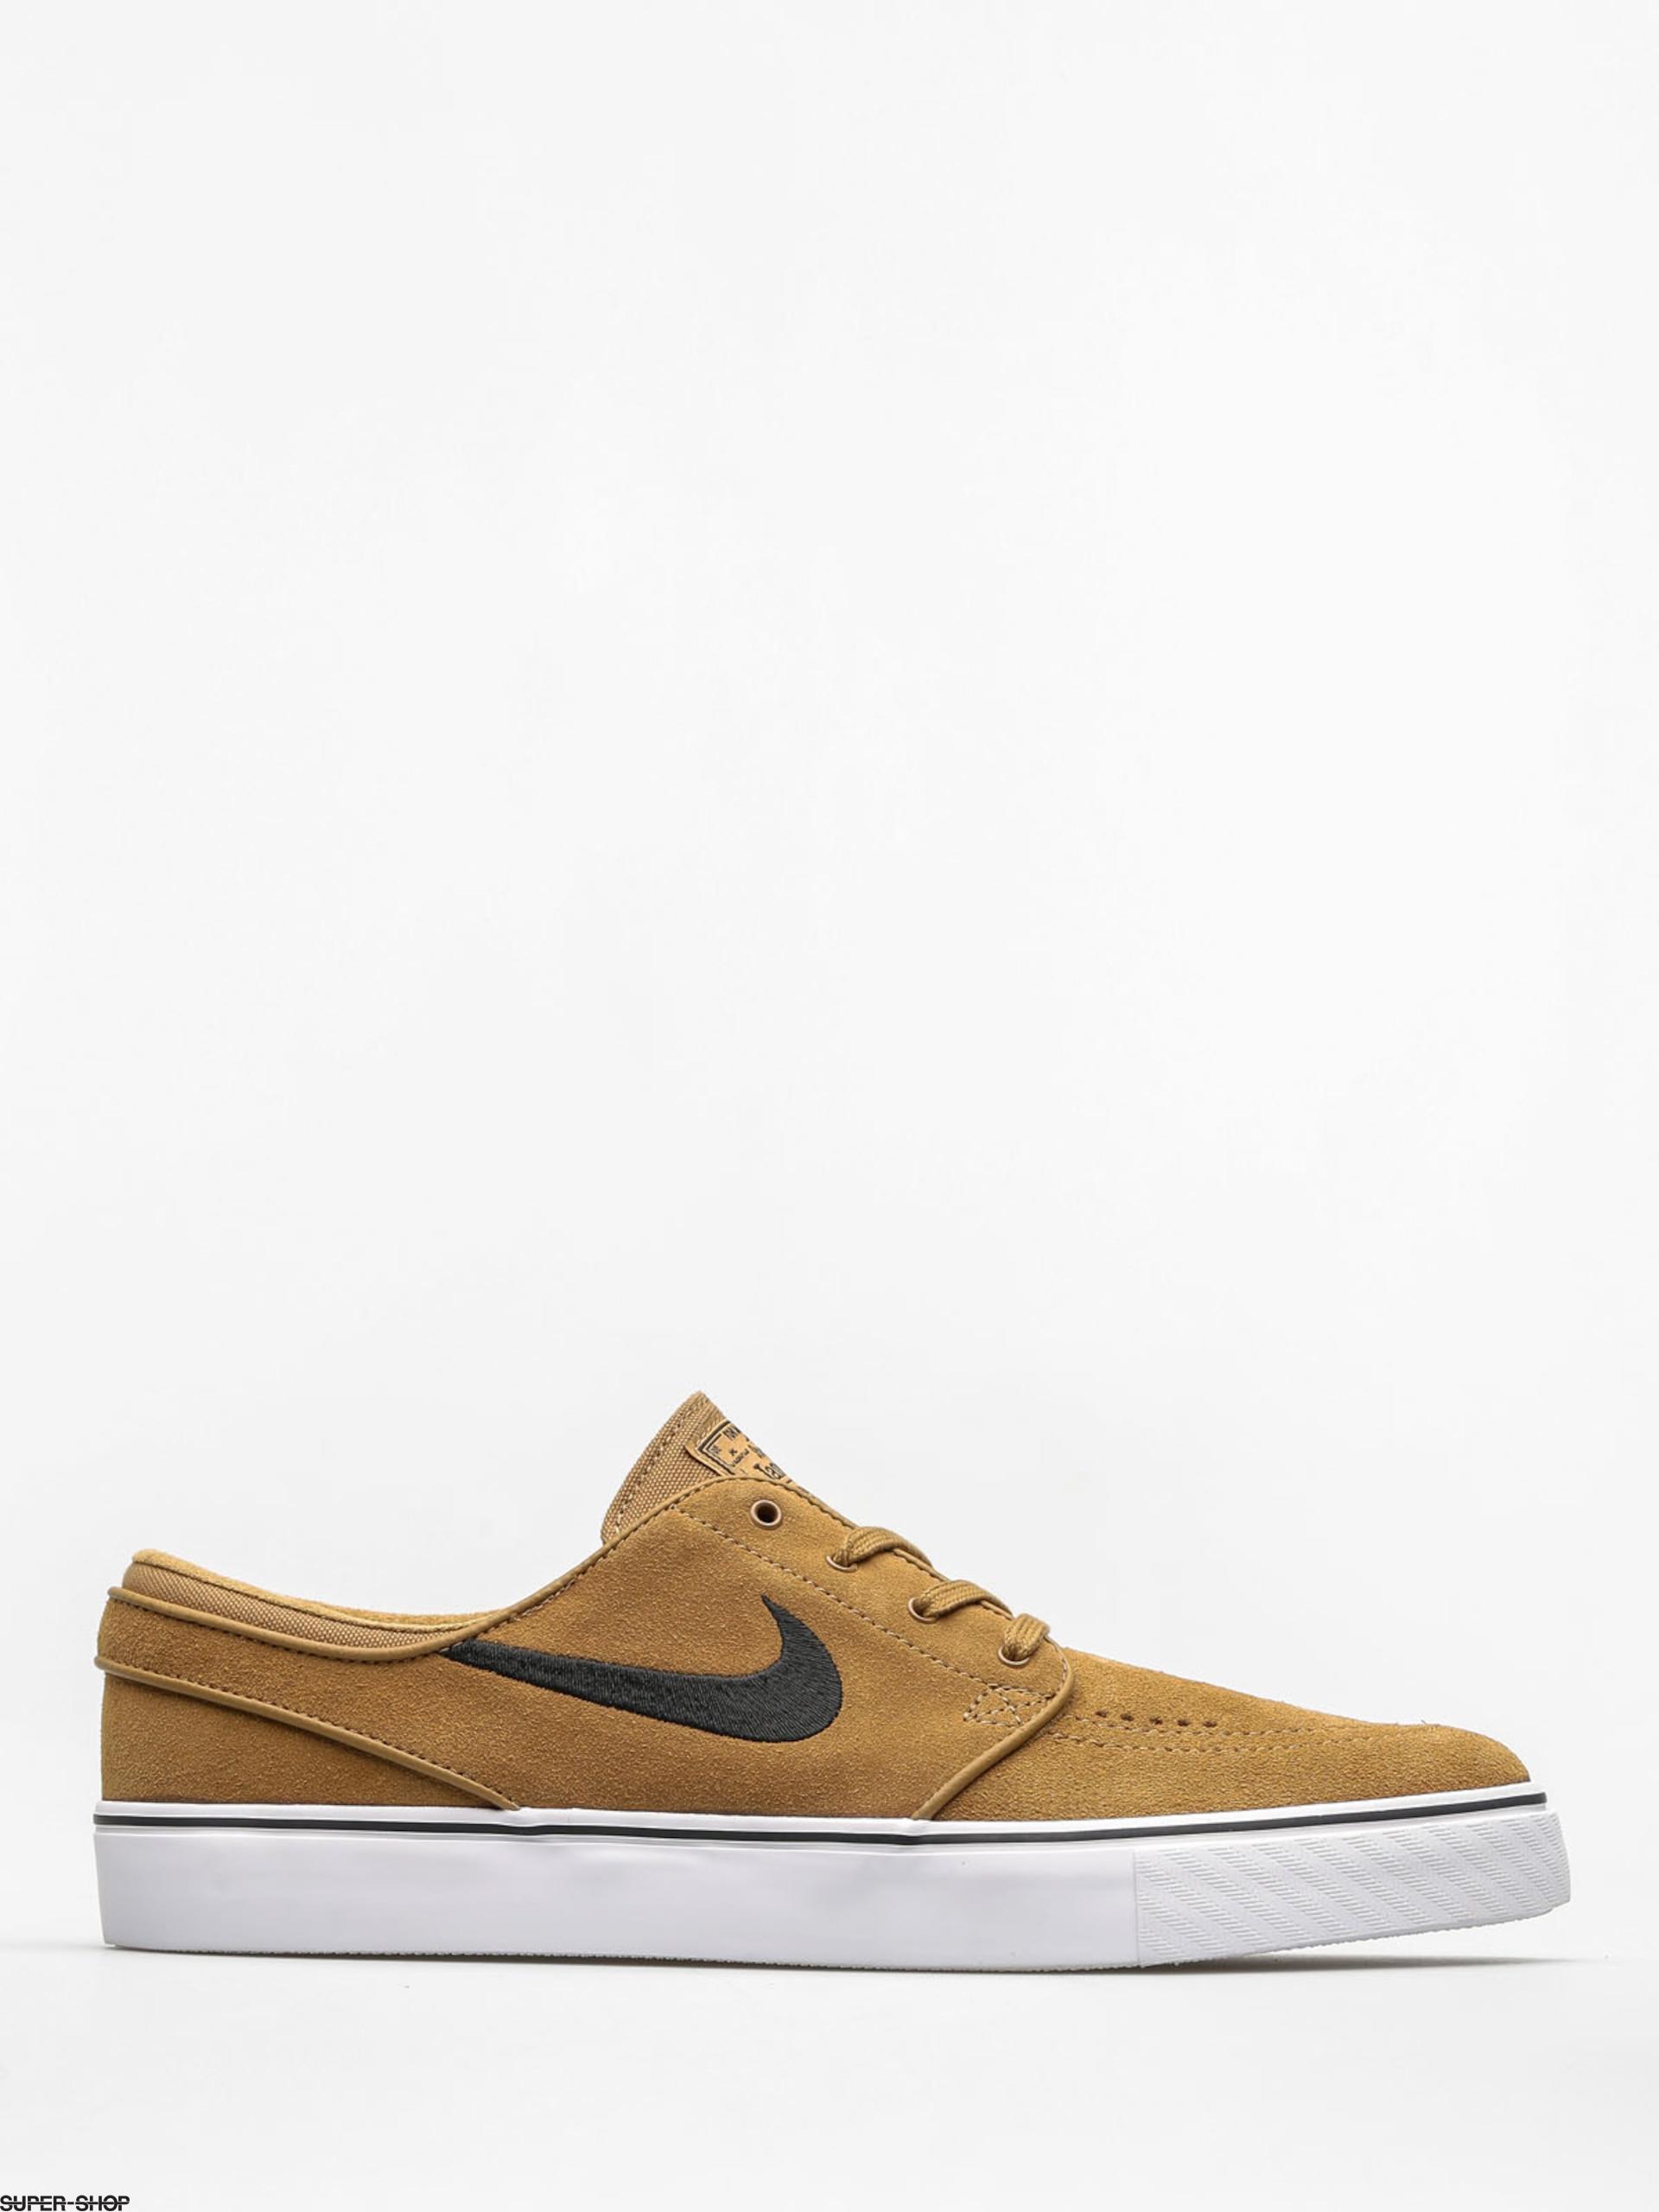 Nike SB Shoes Zoom Stefan Janoski (golden beige/black)